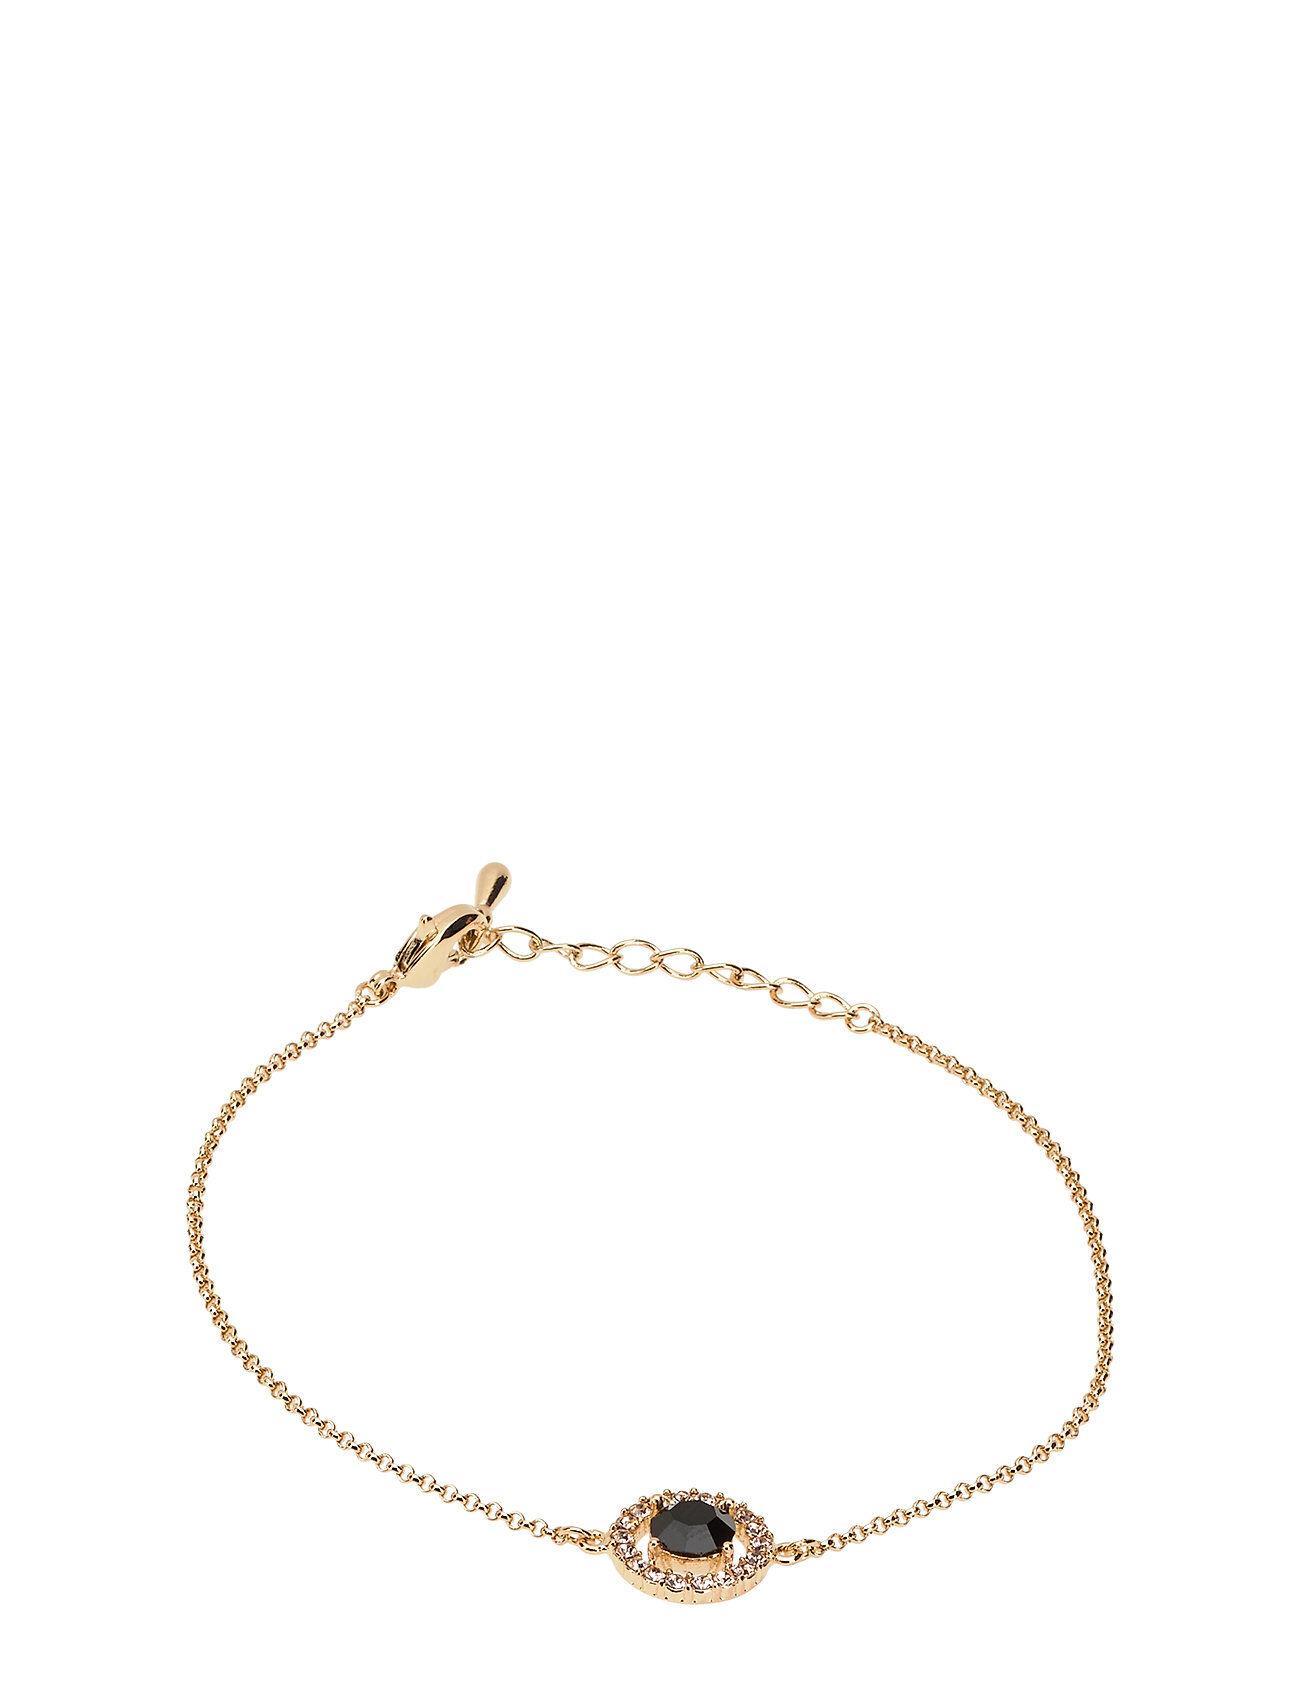 LILY AND ROSE Miss Miranda Bracelet - Jet Accessories Jewellery Bracelets Chain Bracelets Kulta LILY AND ROSE